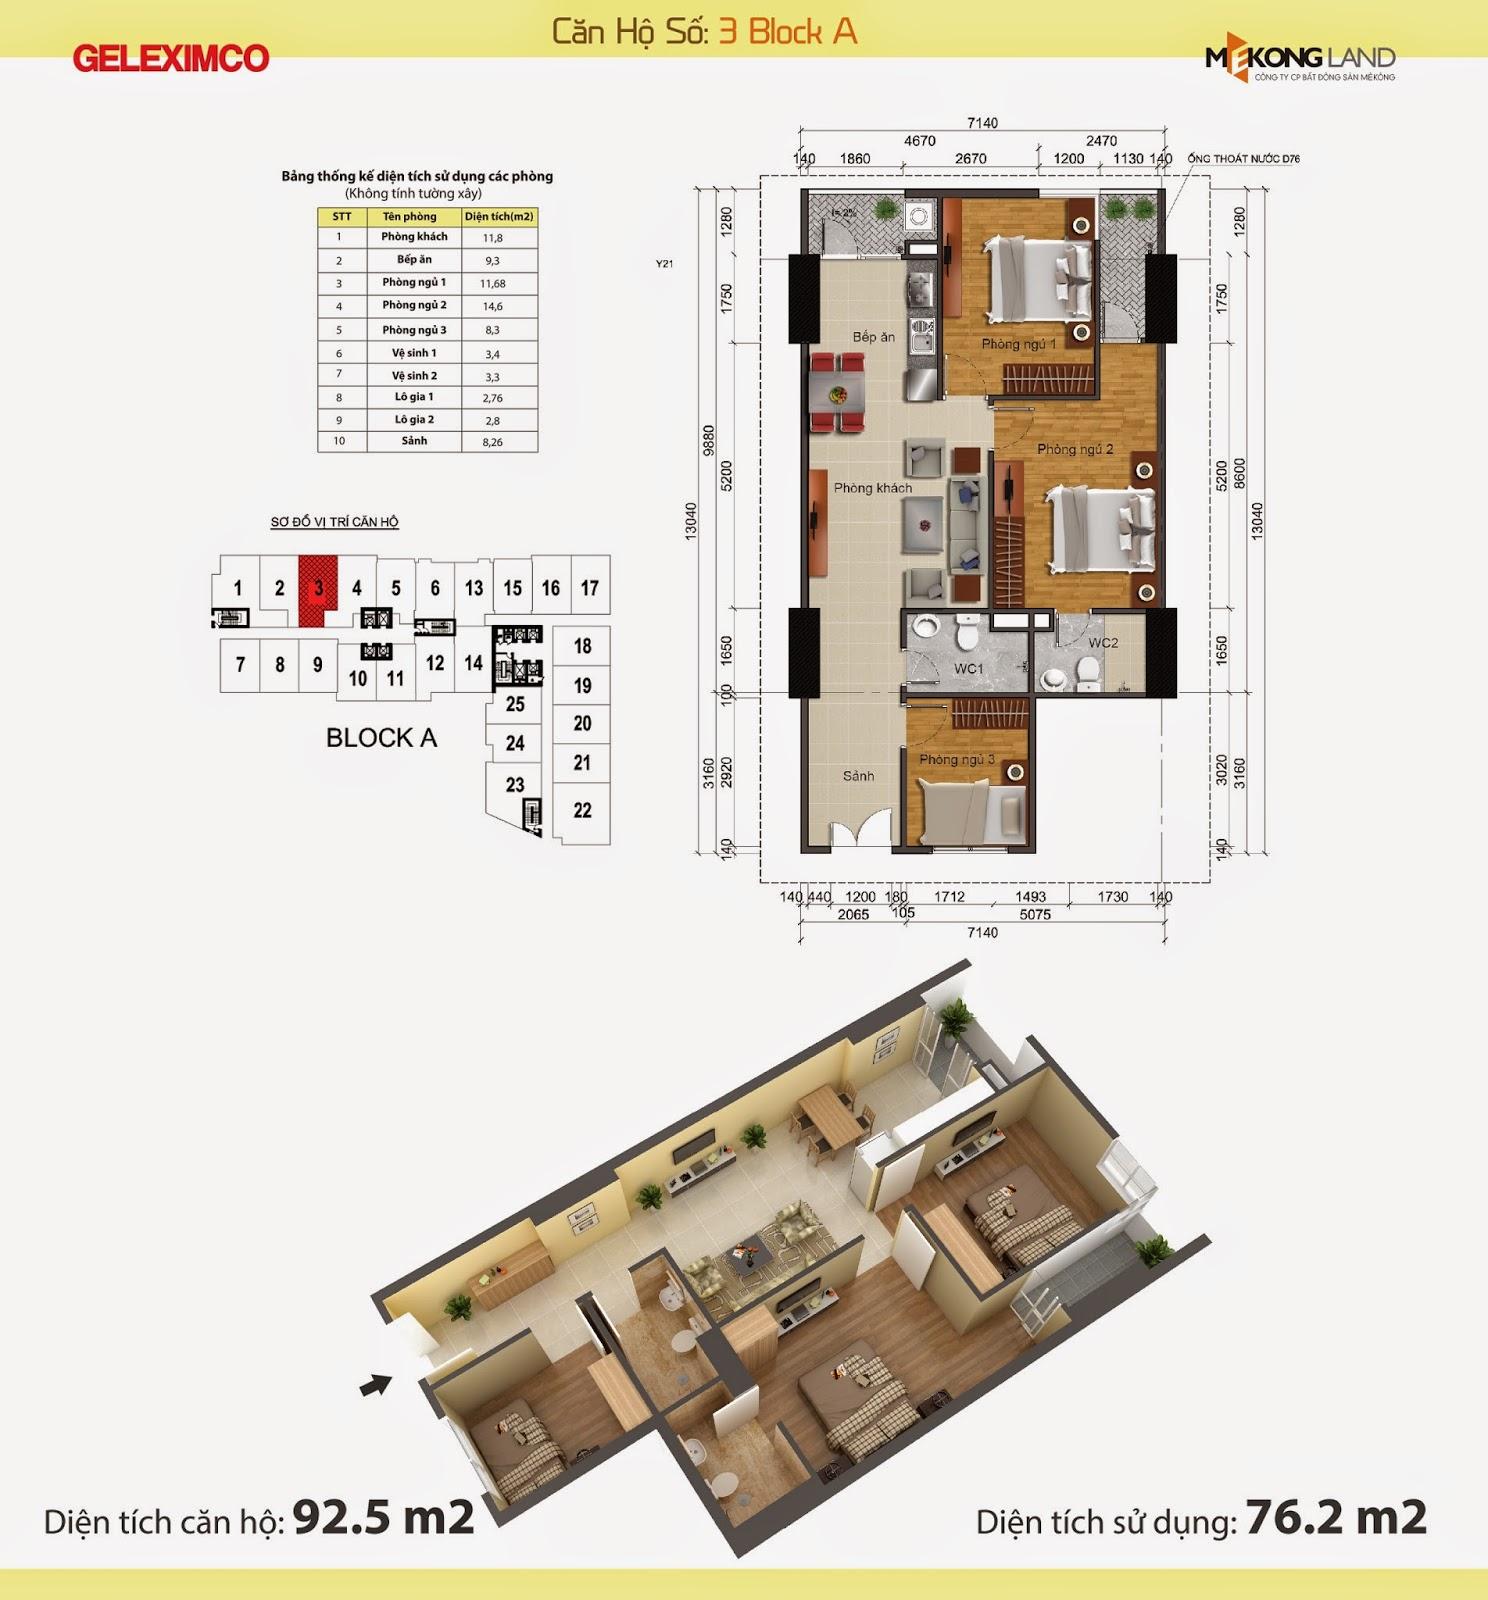 Thiết kế nội thất chung cư Gemek Tower 21